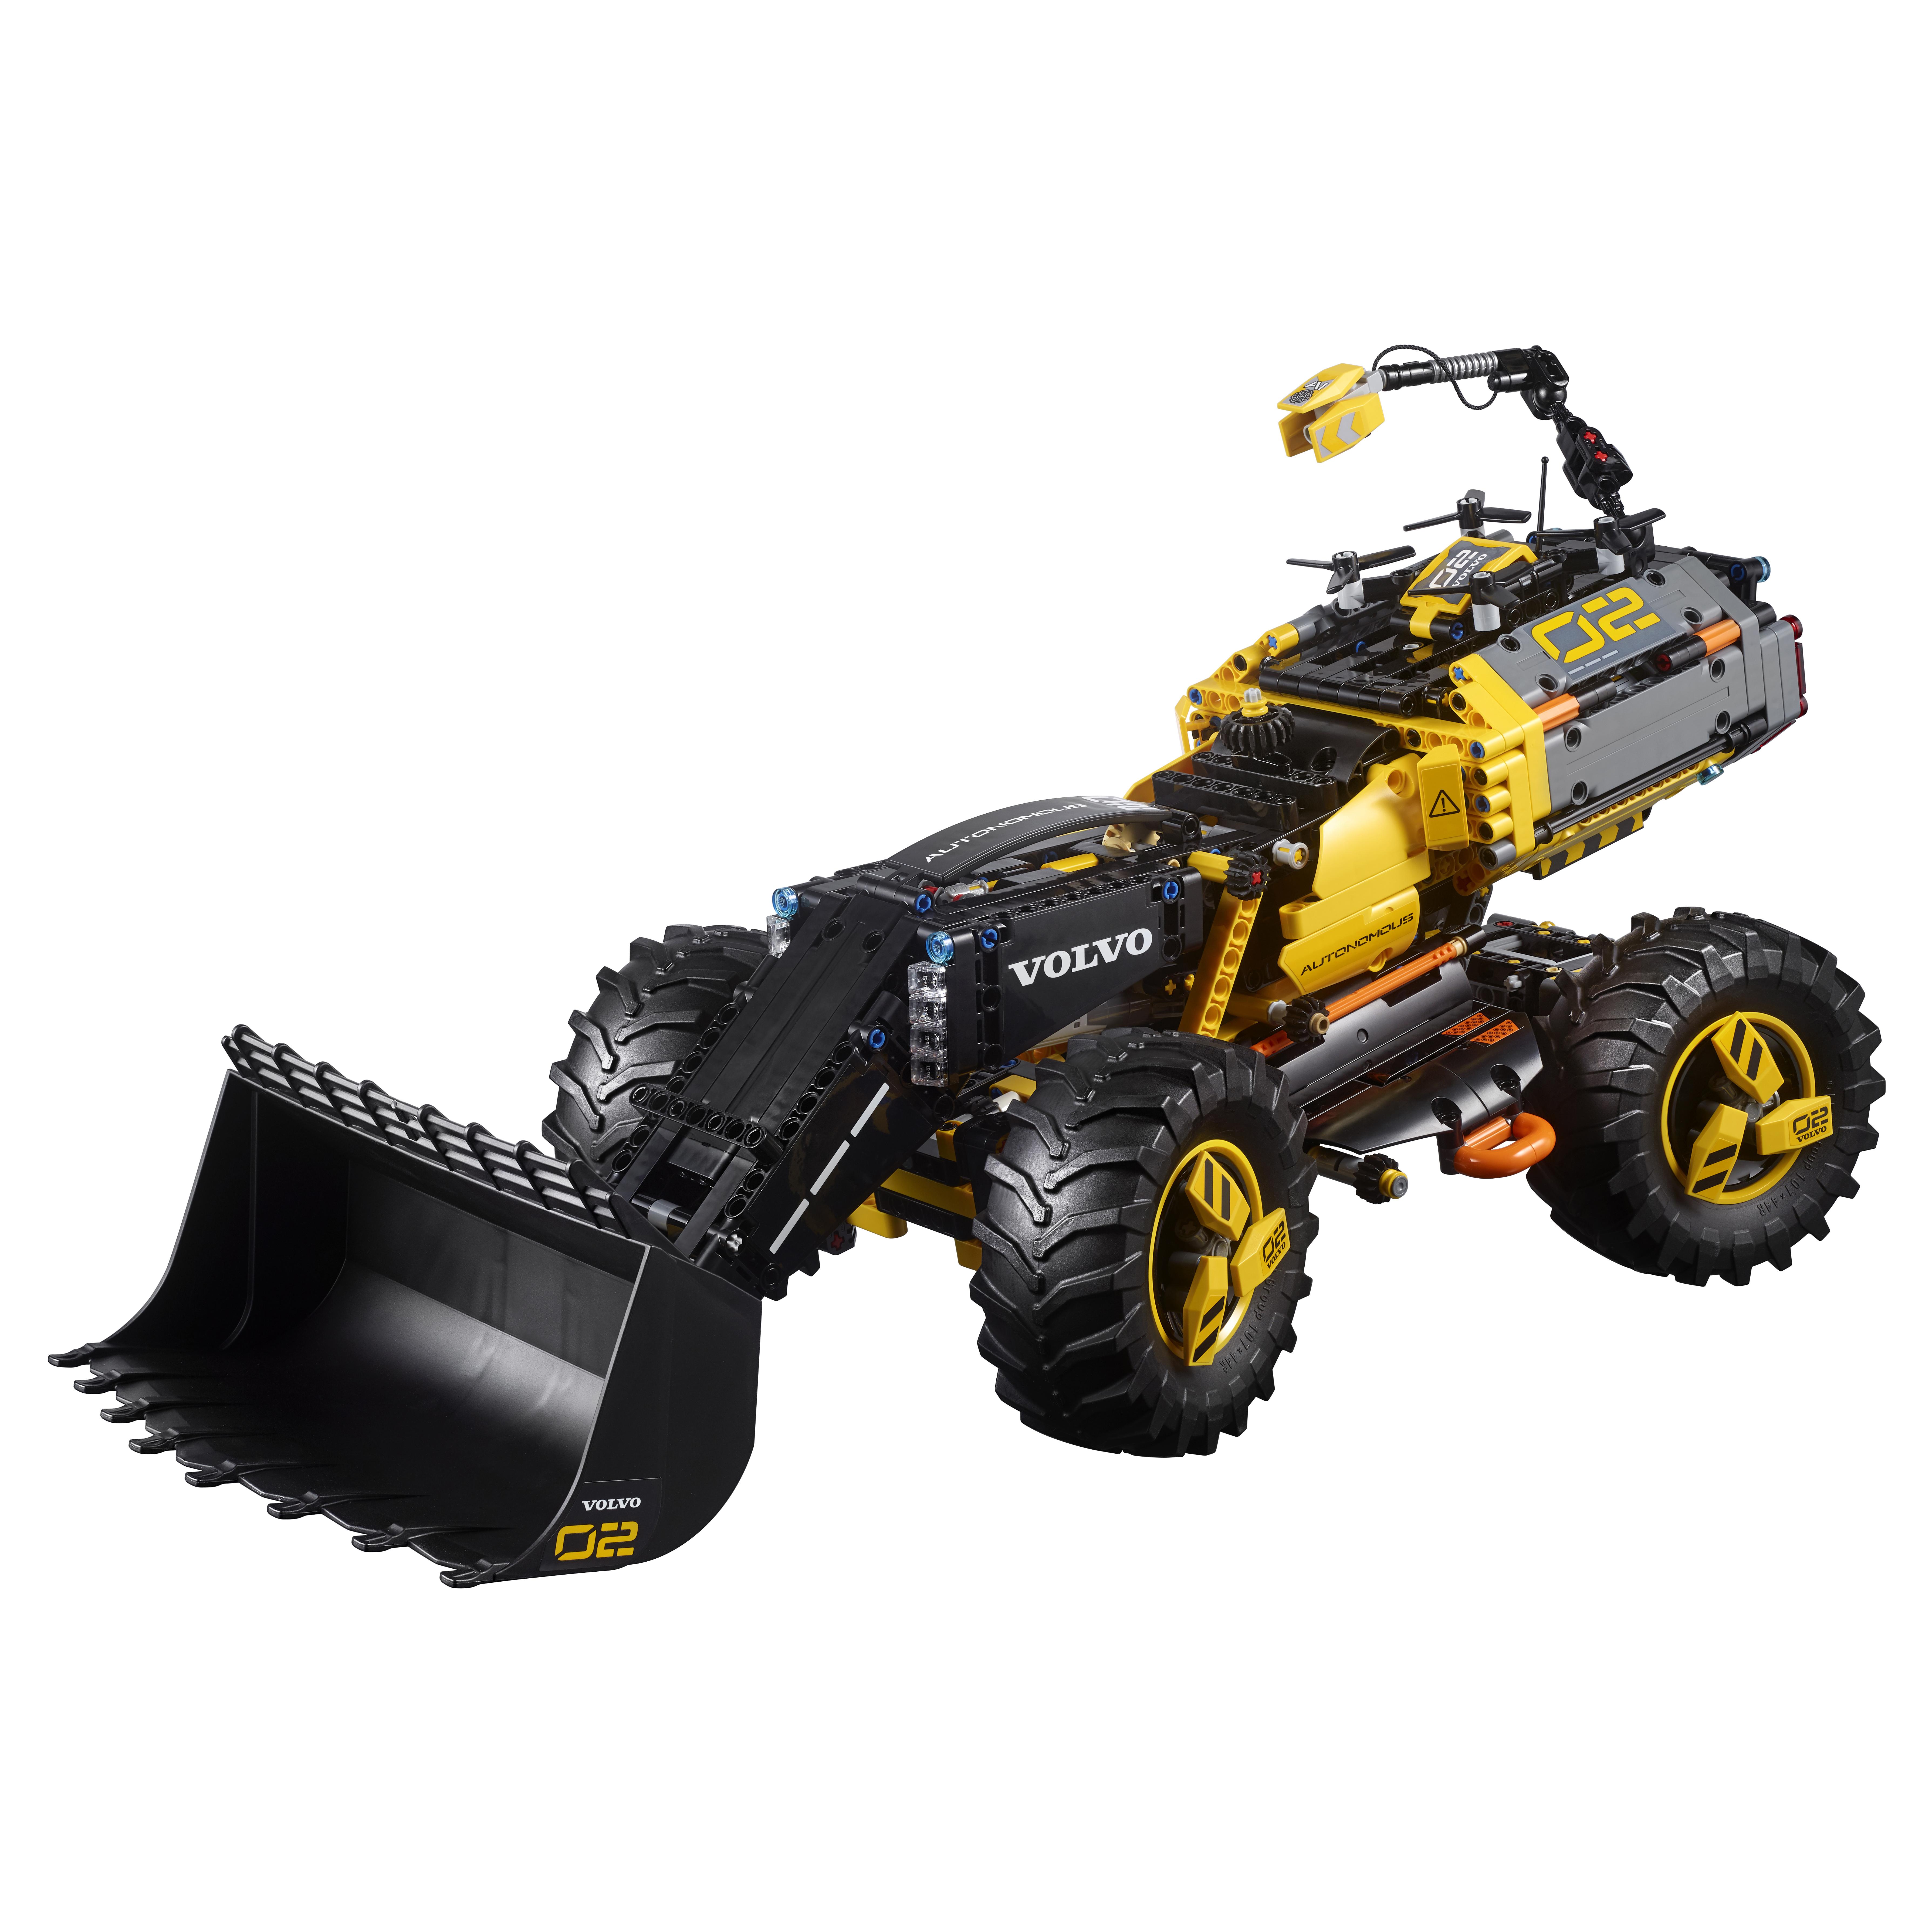 Конструктор LEGO VOLVO колёсный погрузчик ZEUX 42081